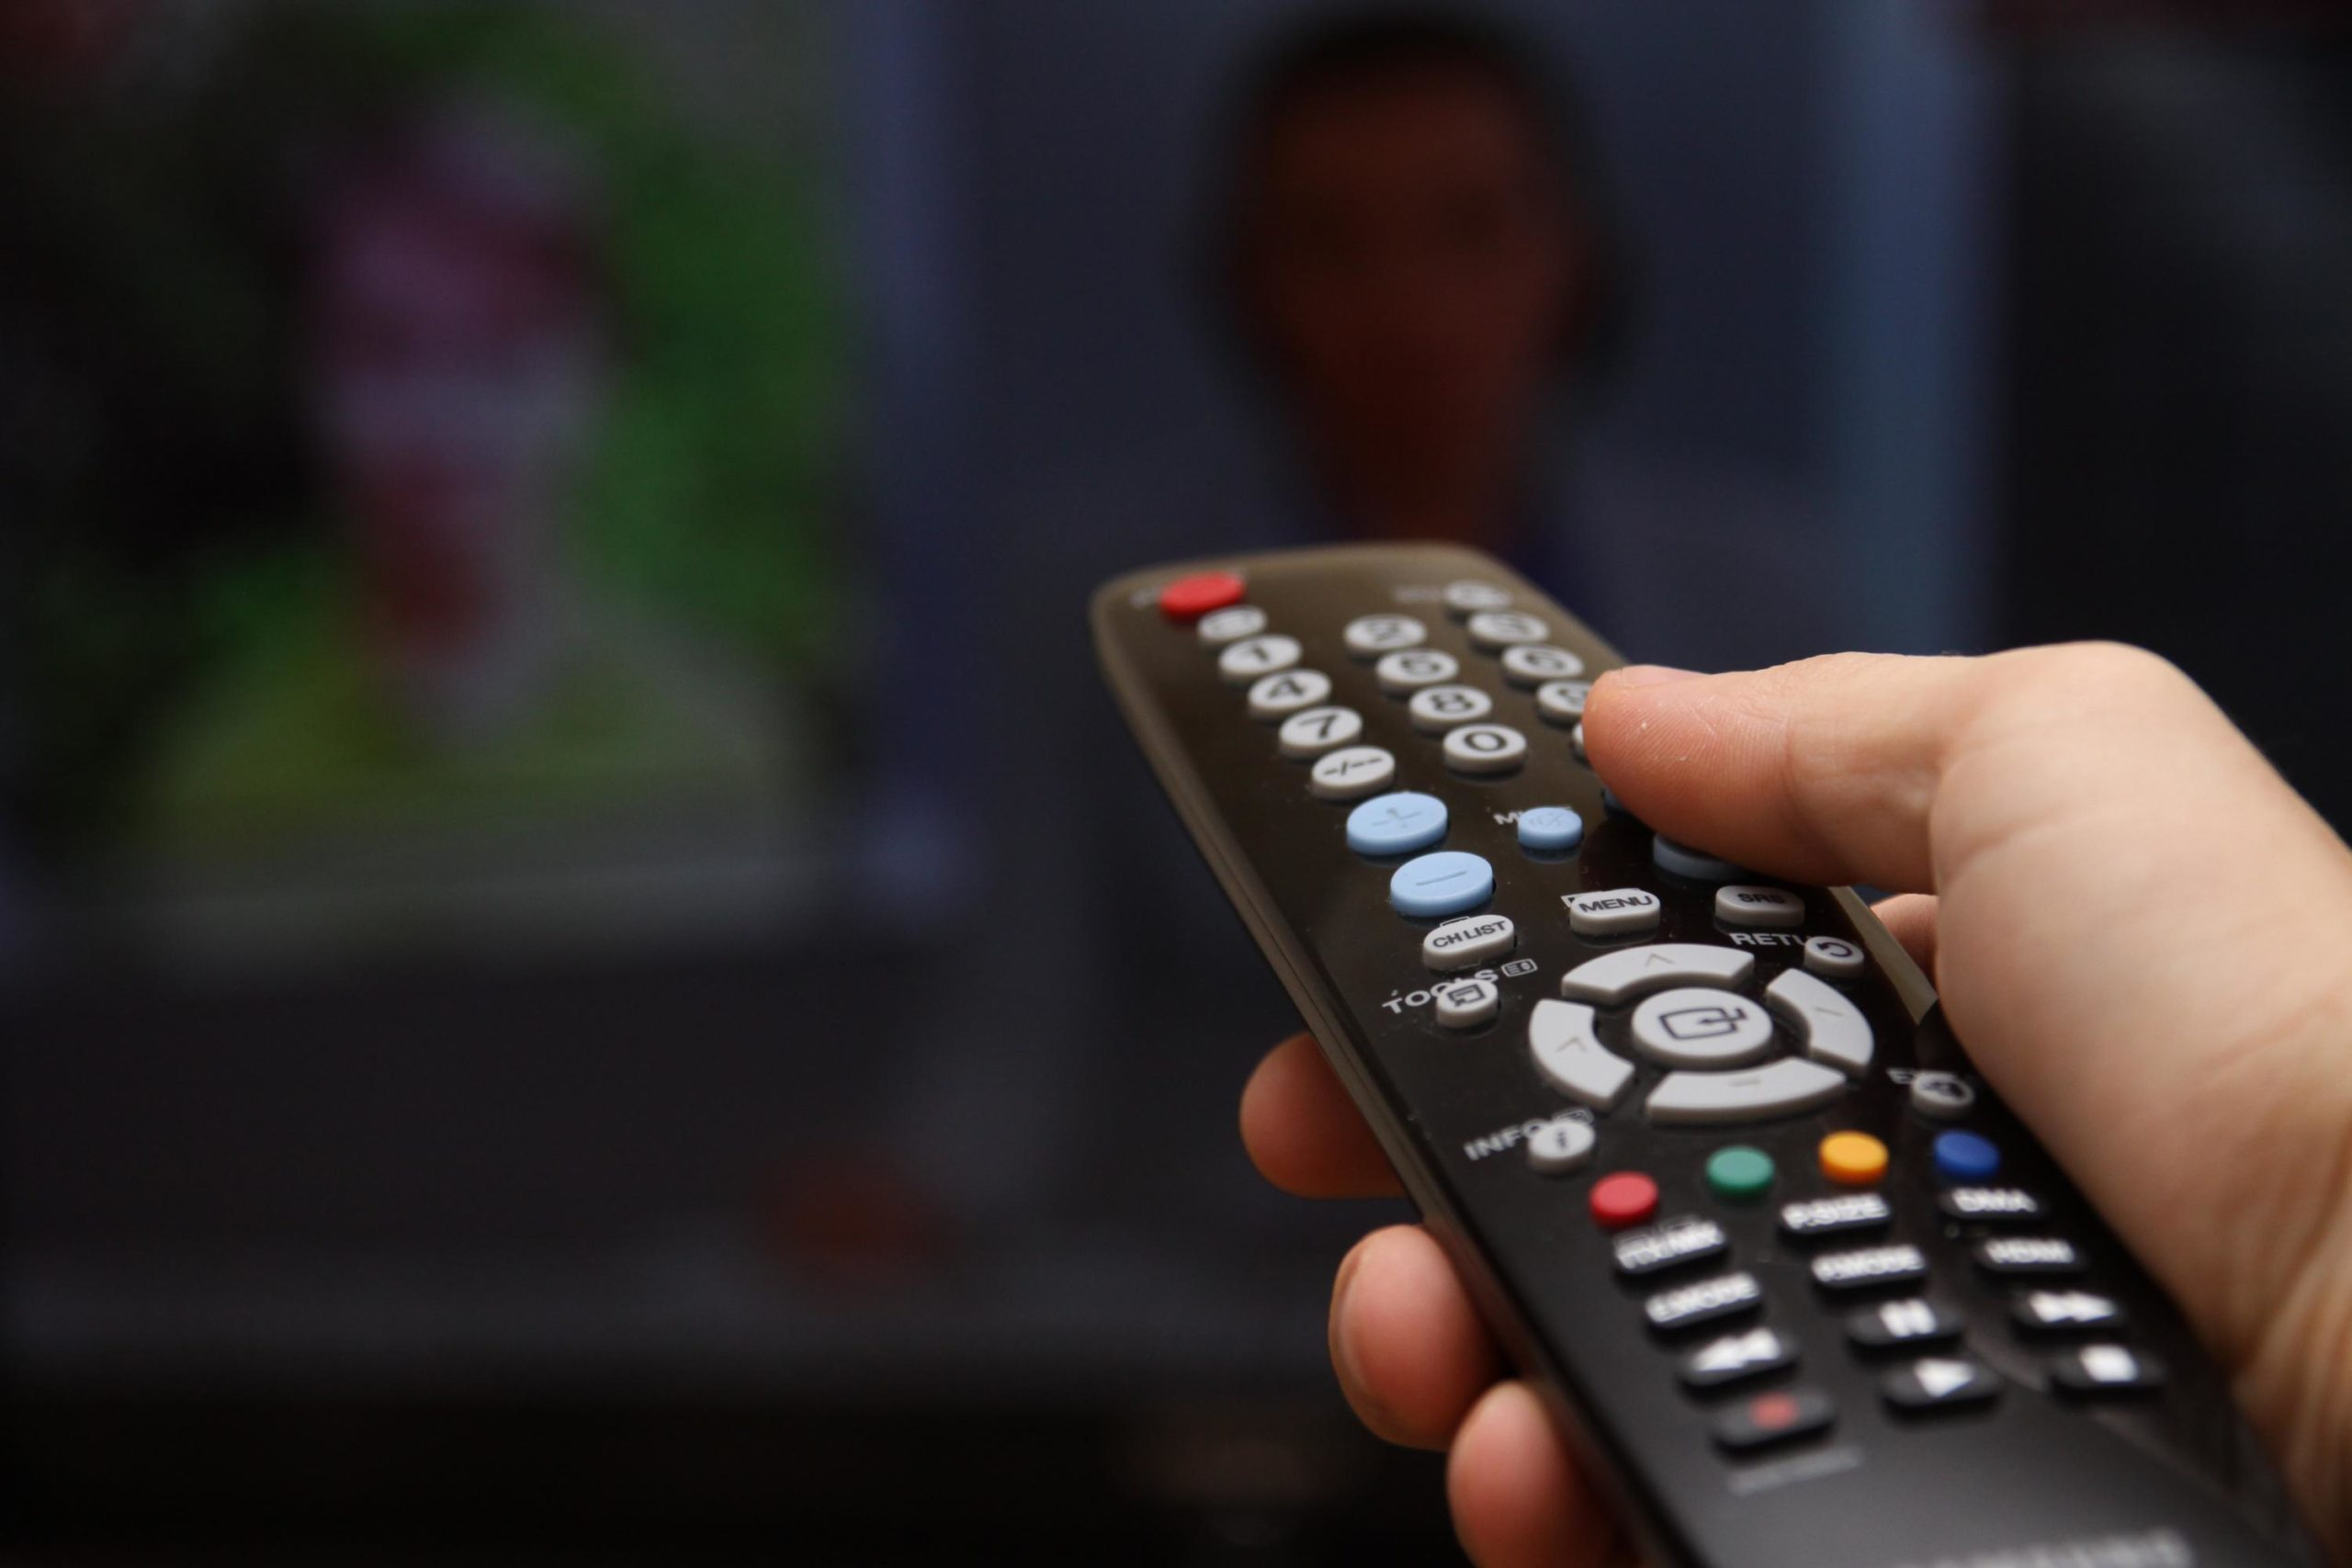 Рейтинг лучших универсальных TV-пультов дистанционного управления в 2020 году